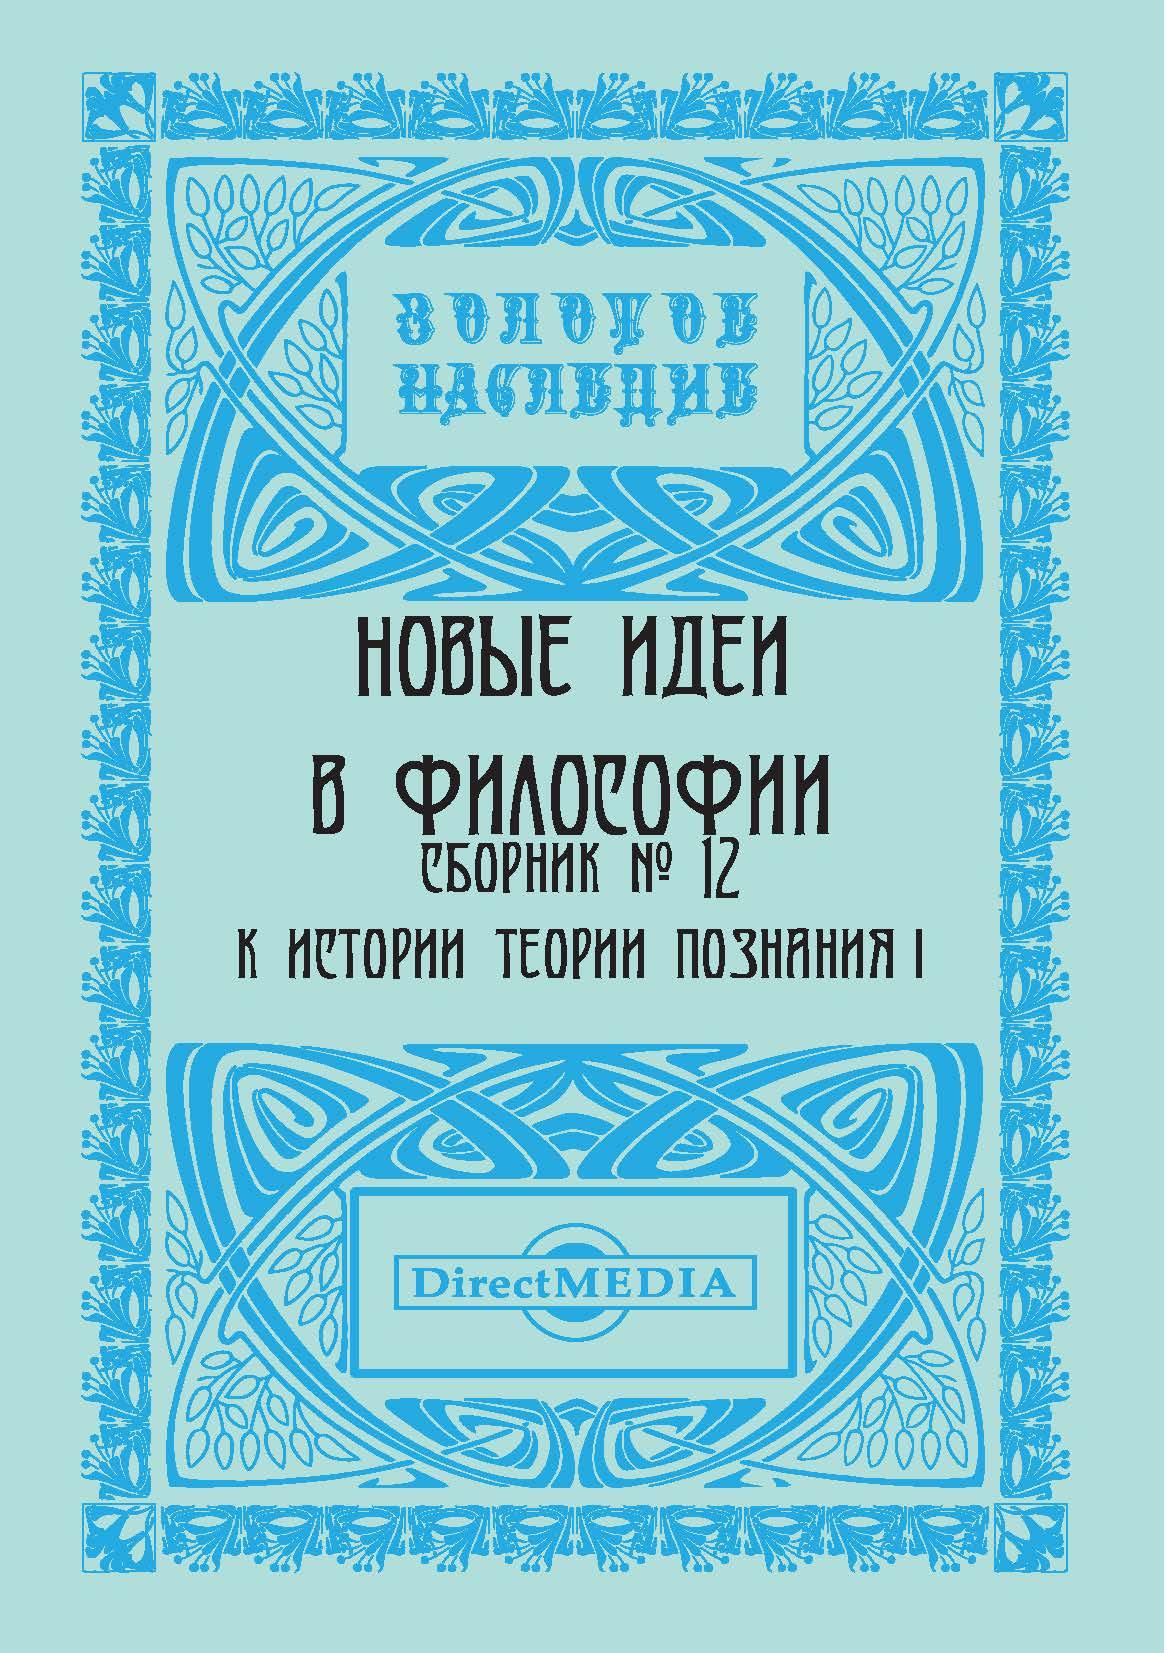 Новые идеи в философии. Сборник номер 12